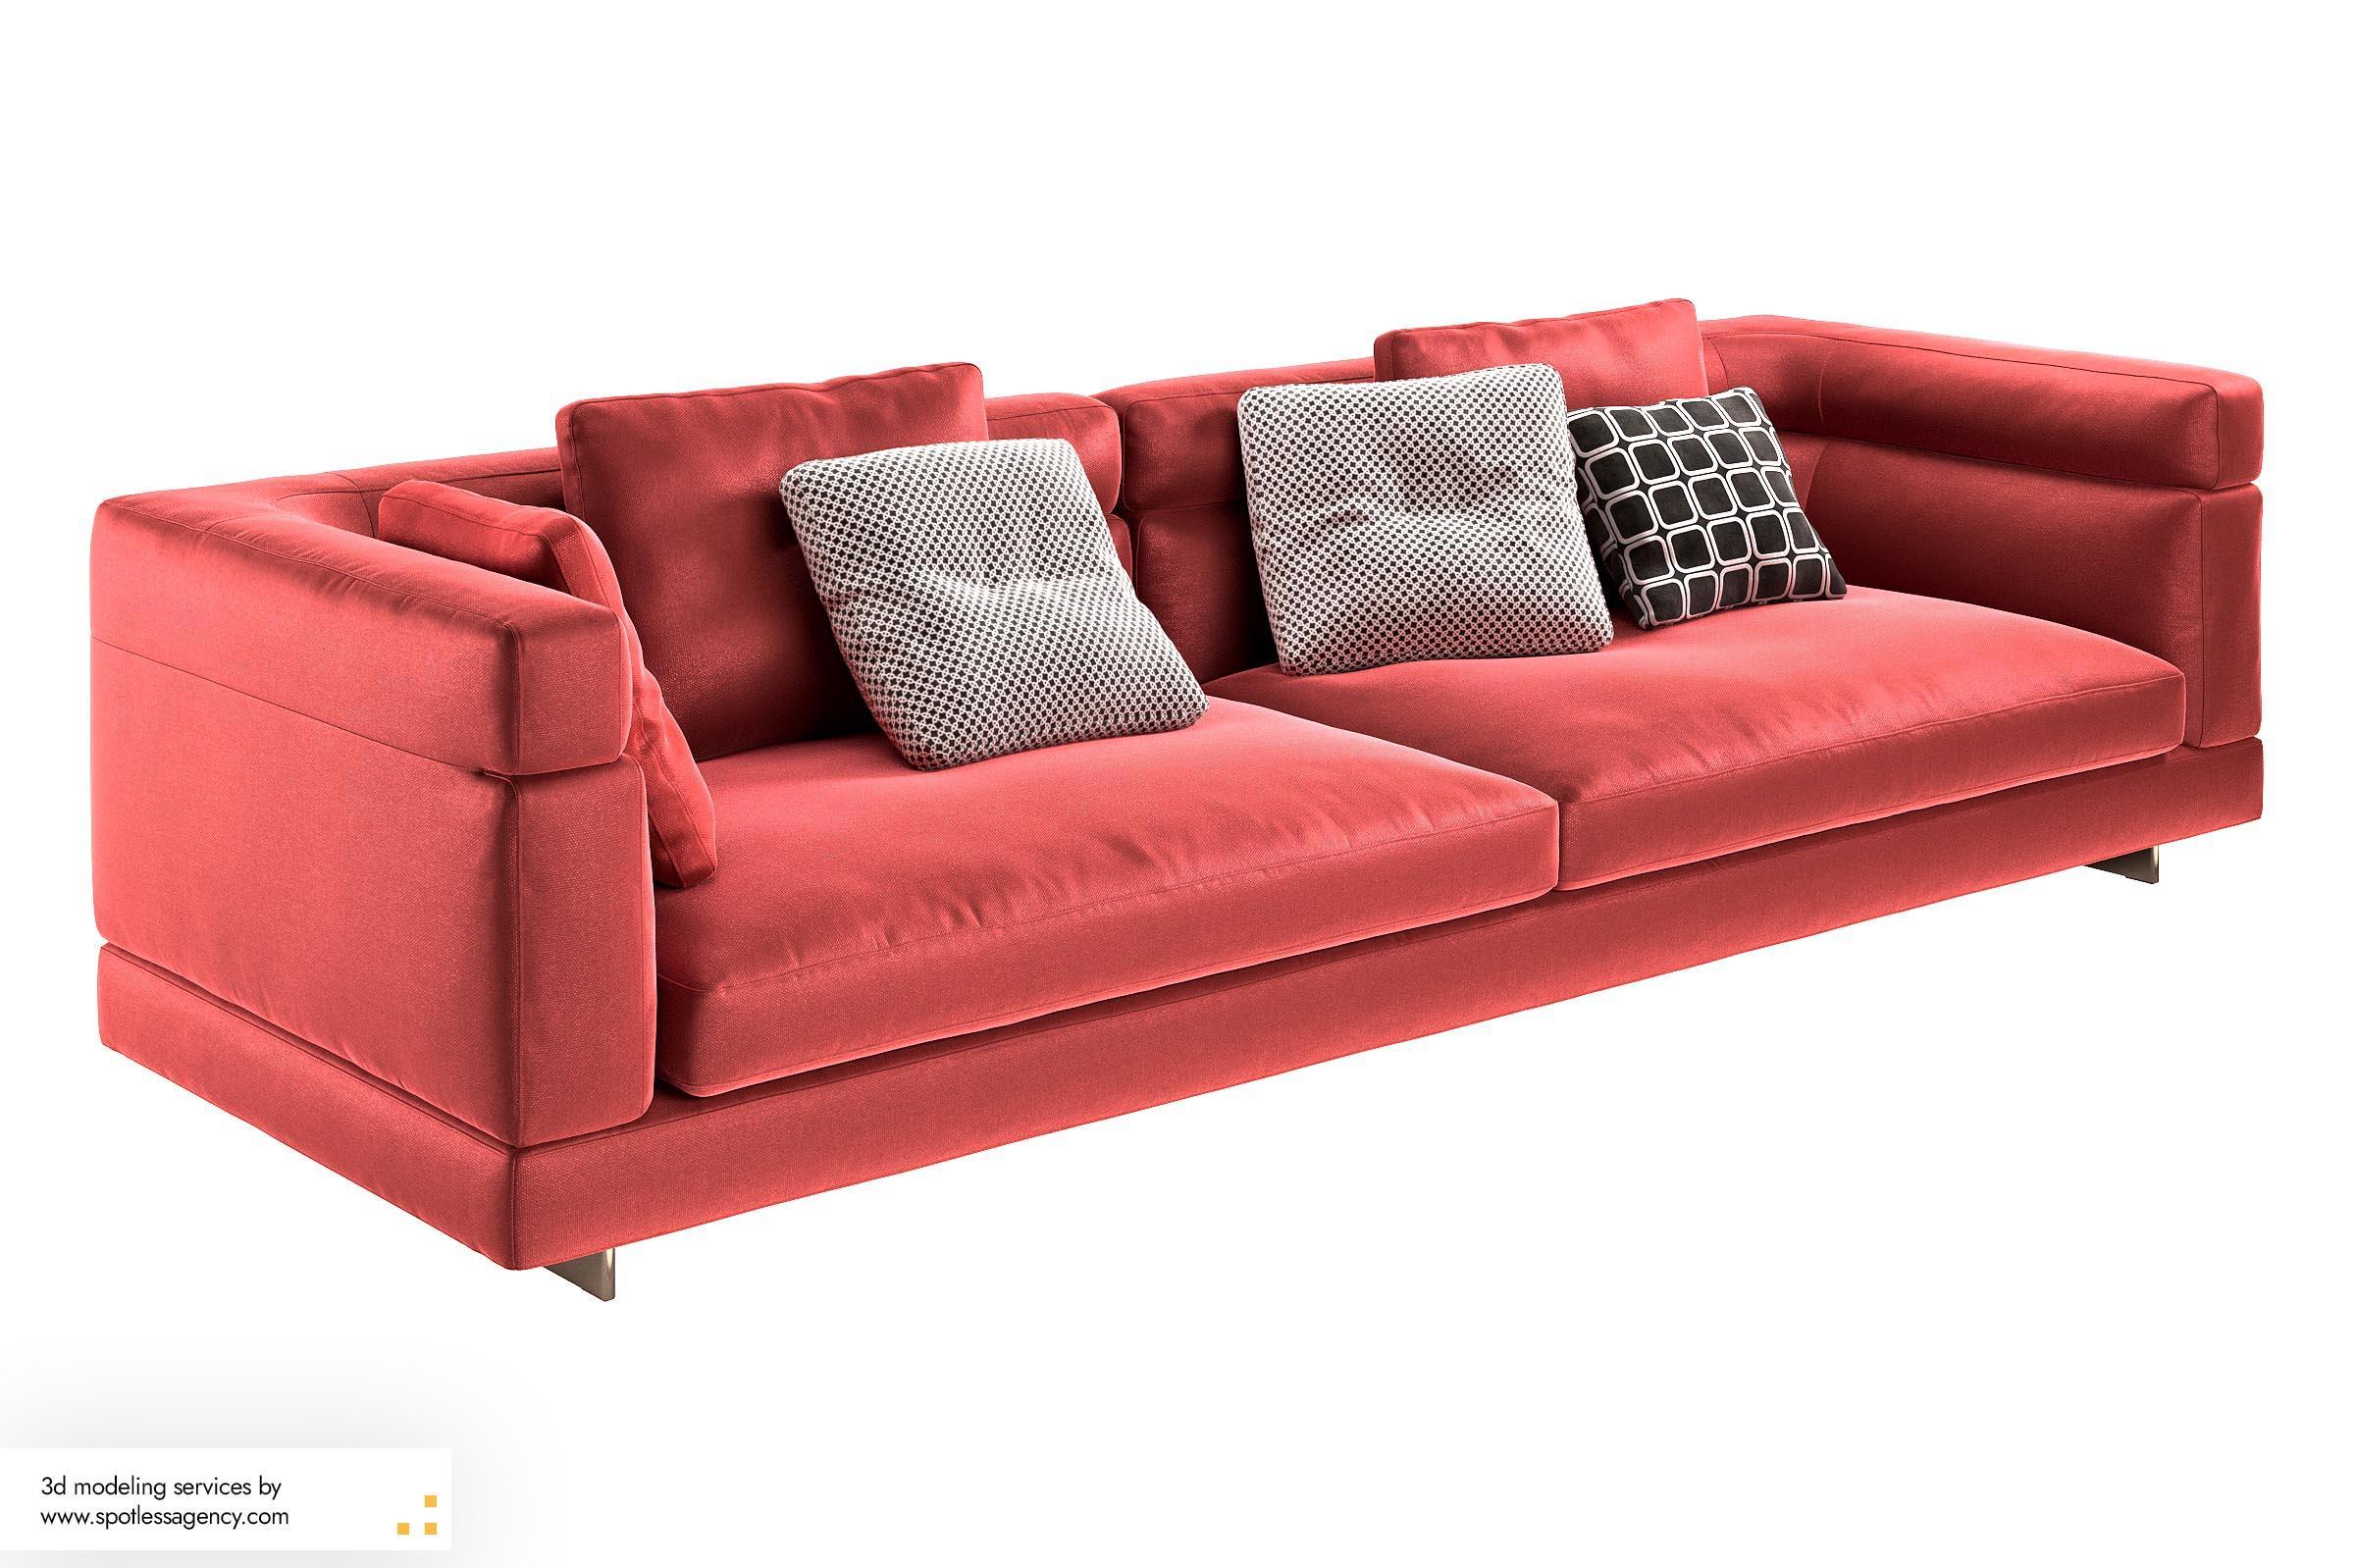 Sofa 3d Model 6